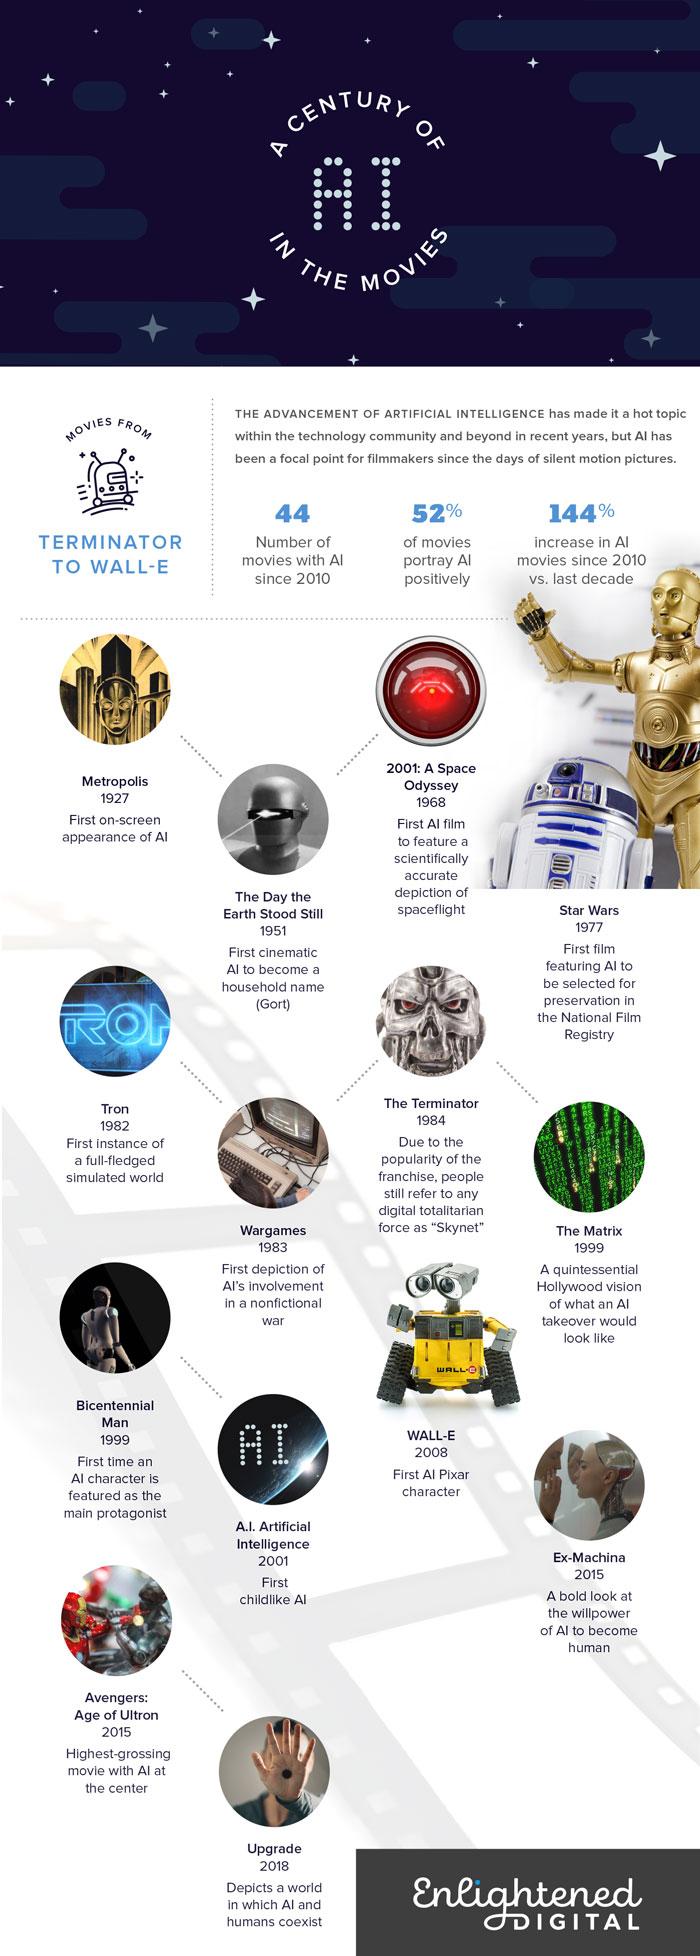 Image result for enlighteneddigital.com